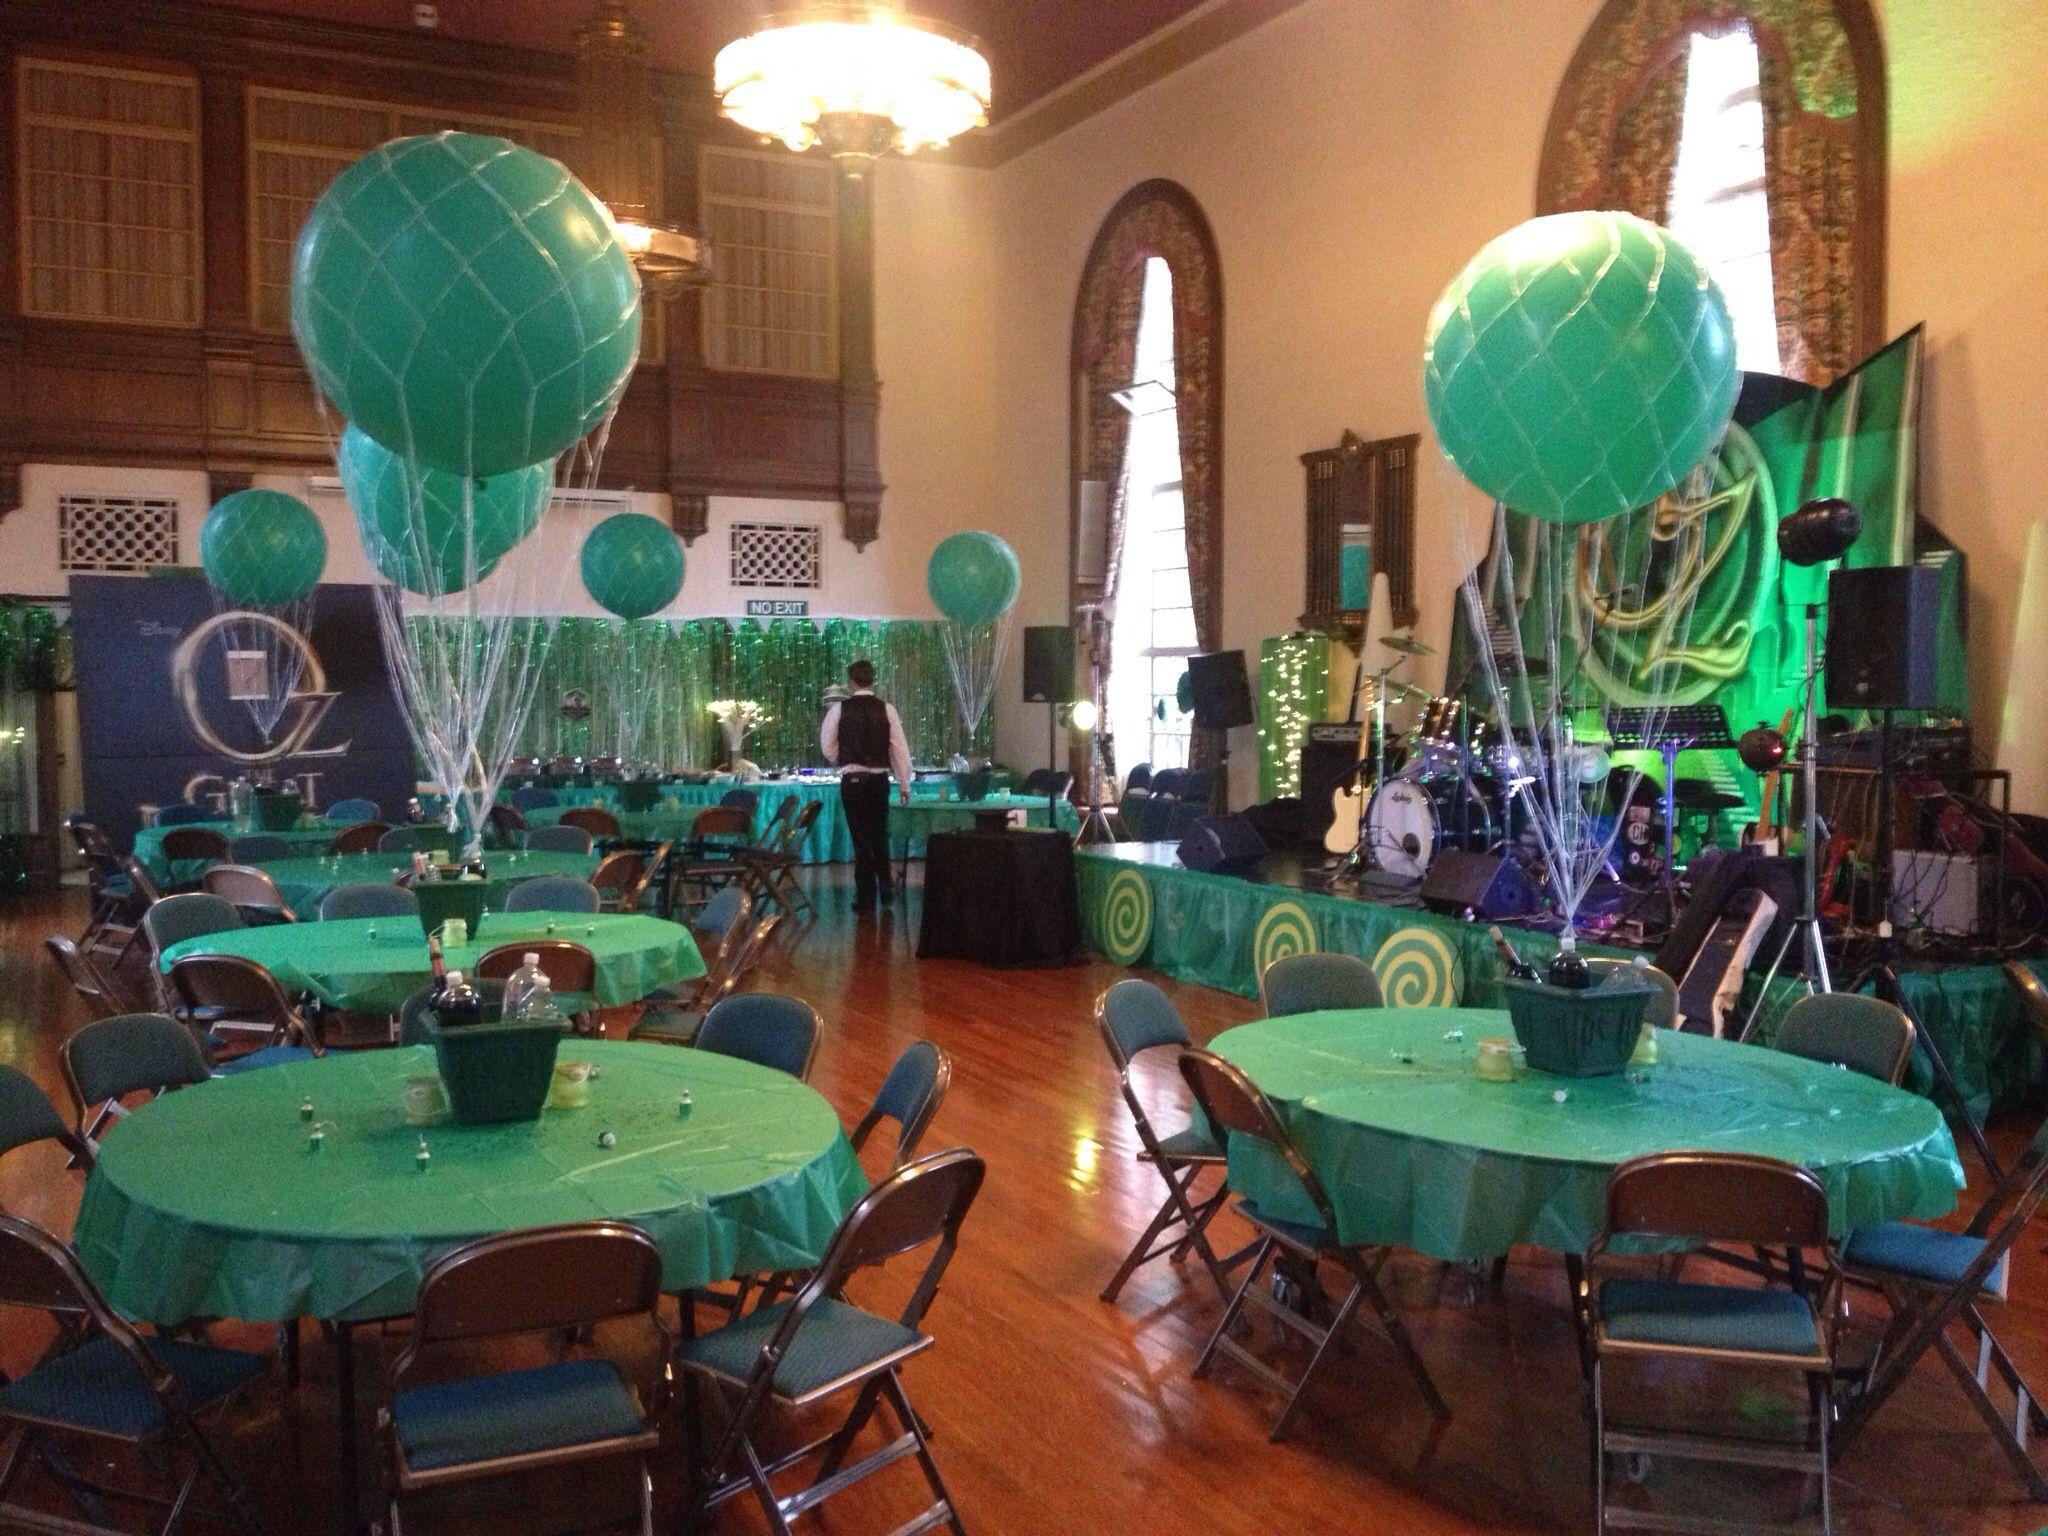 The Emerald City Emerald City Decor